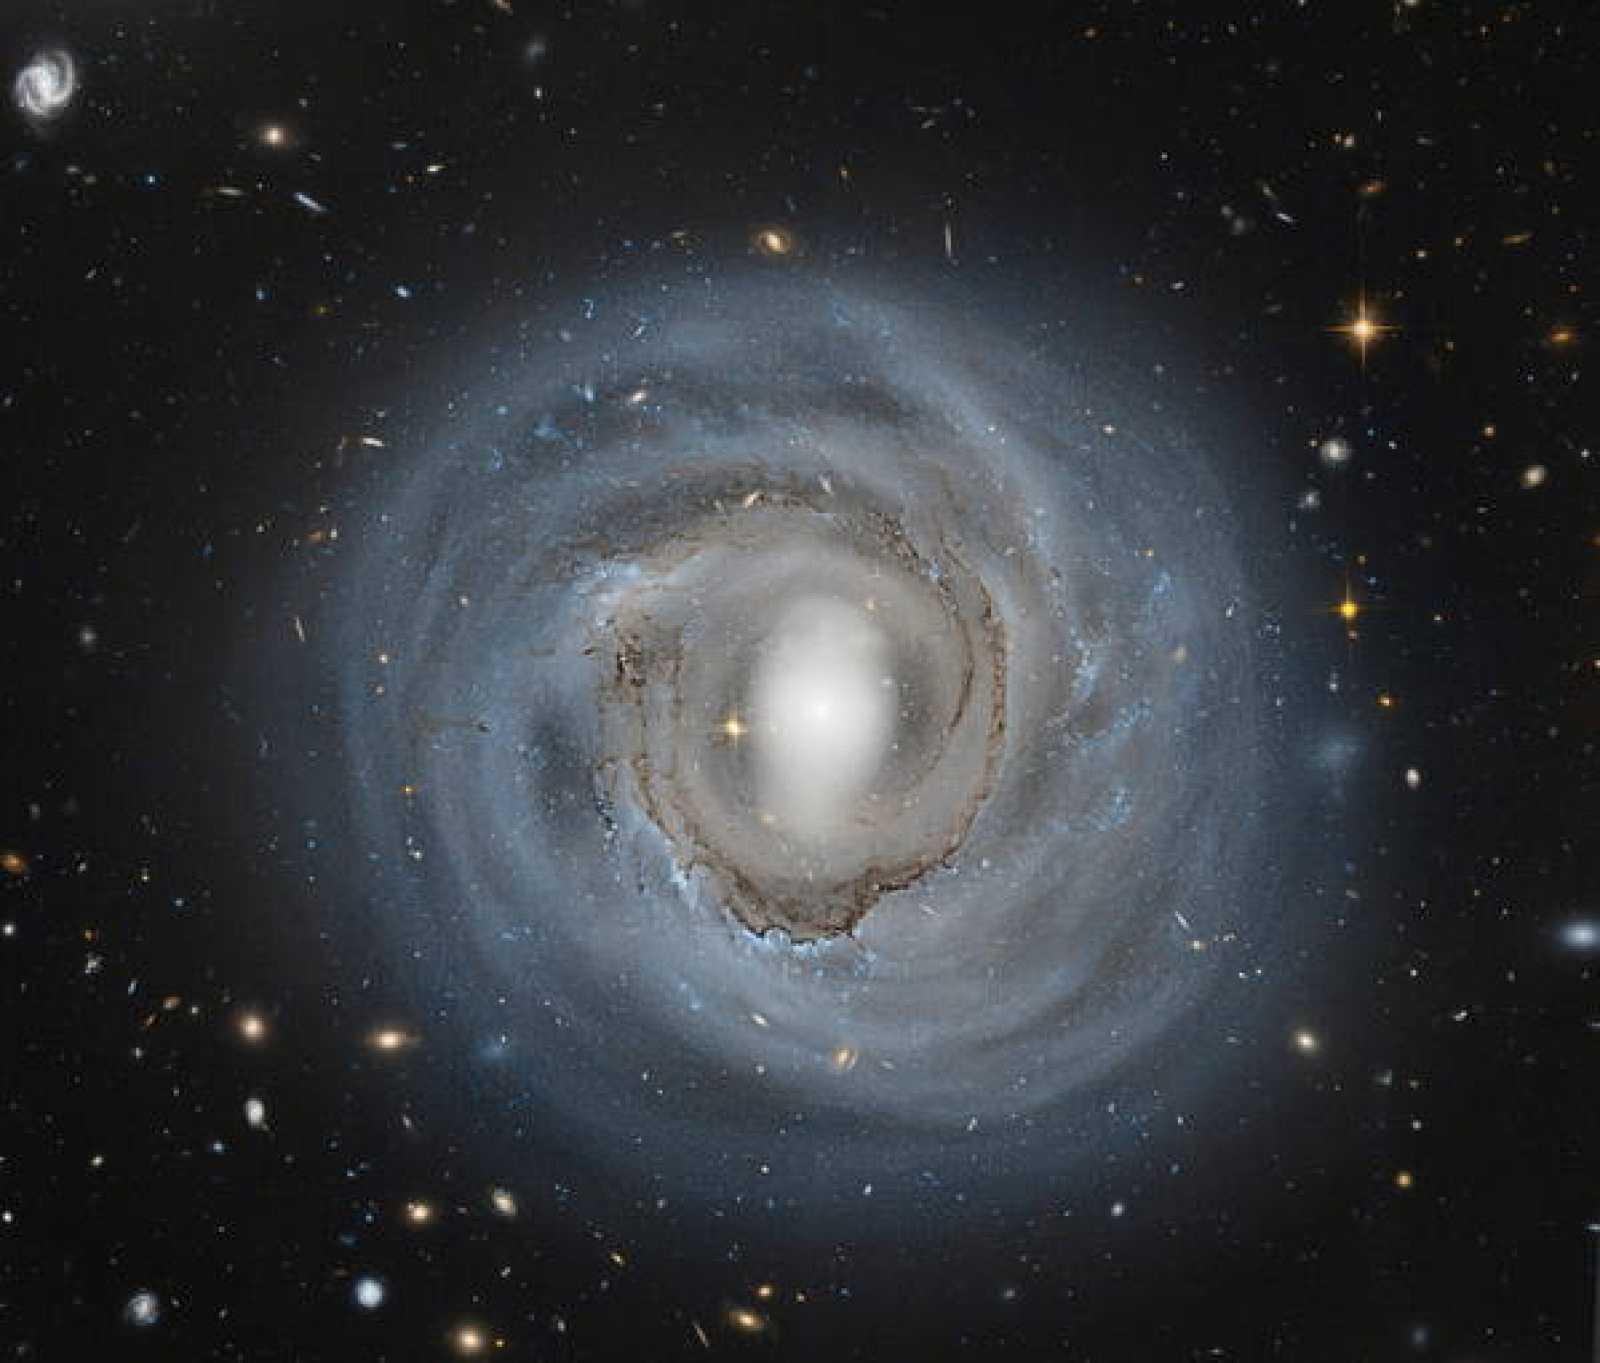 Imagen del Telescopio Espacial Hubble de la galaxia espiral NGC 4921.